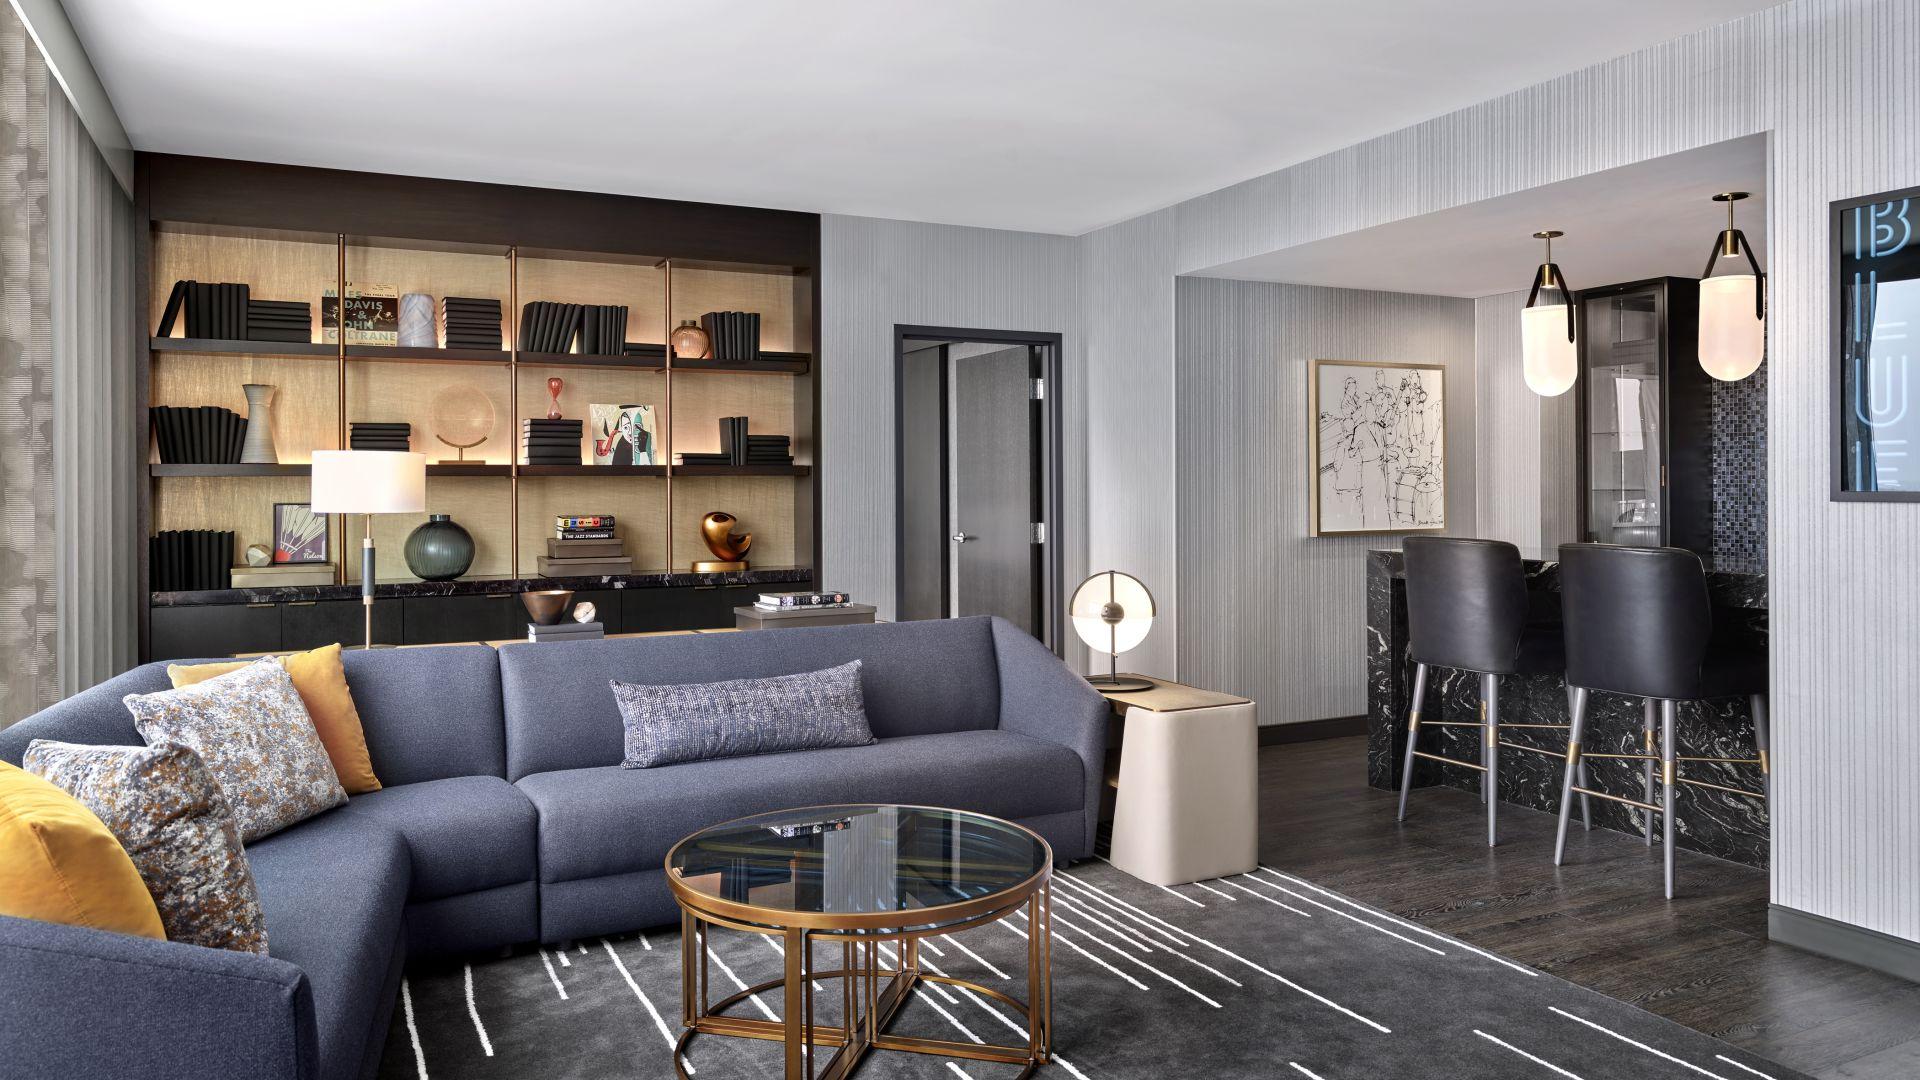 Una sala de estar con muchos muebles y una chimenea